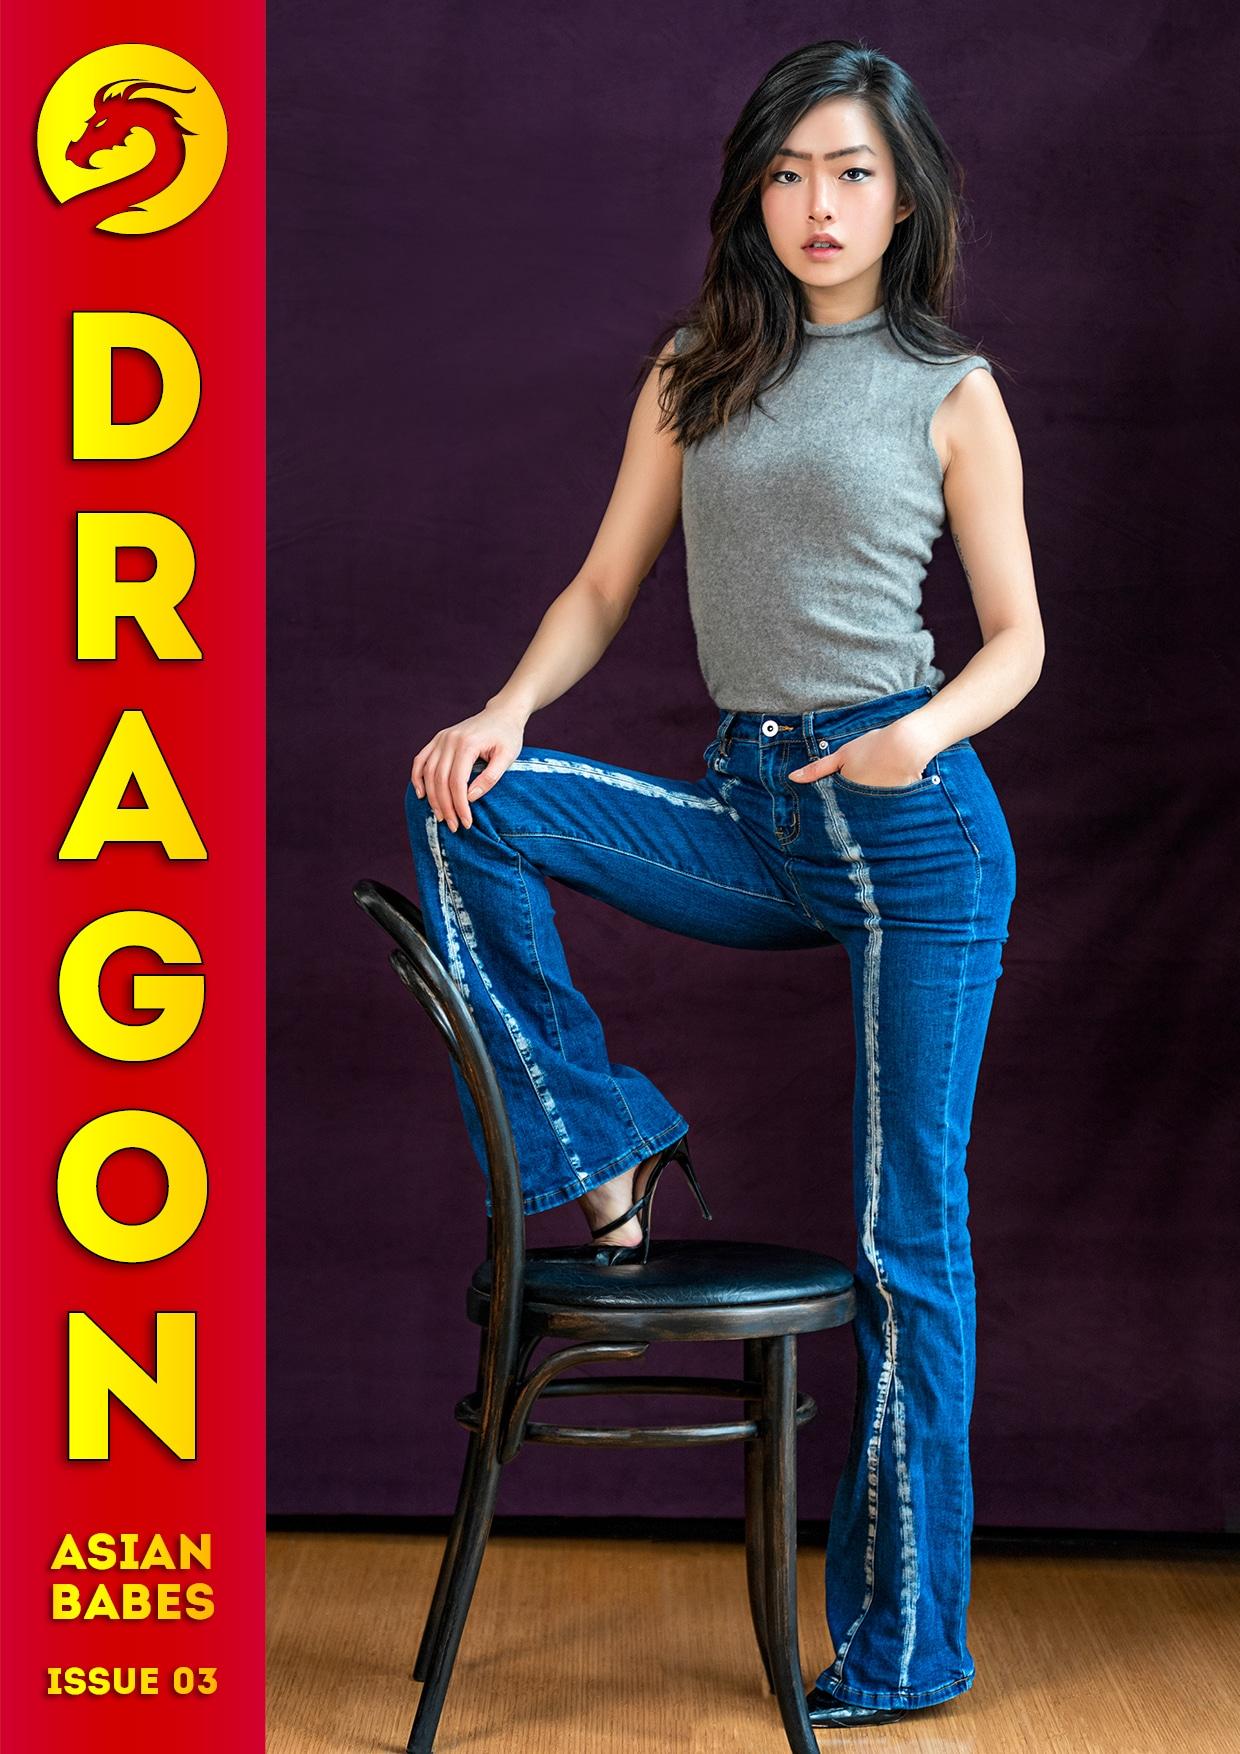 Dragon Magazine - August 2020 - Dahee Michelle